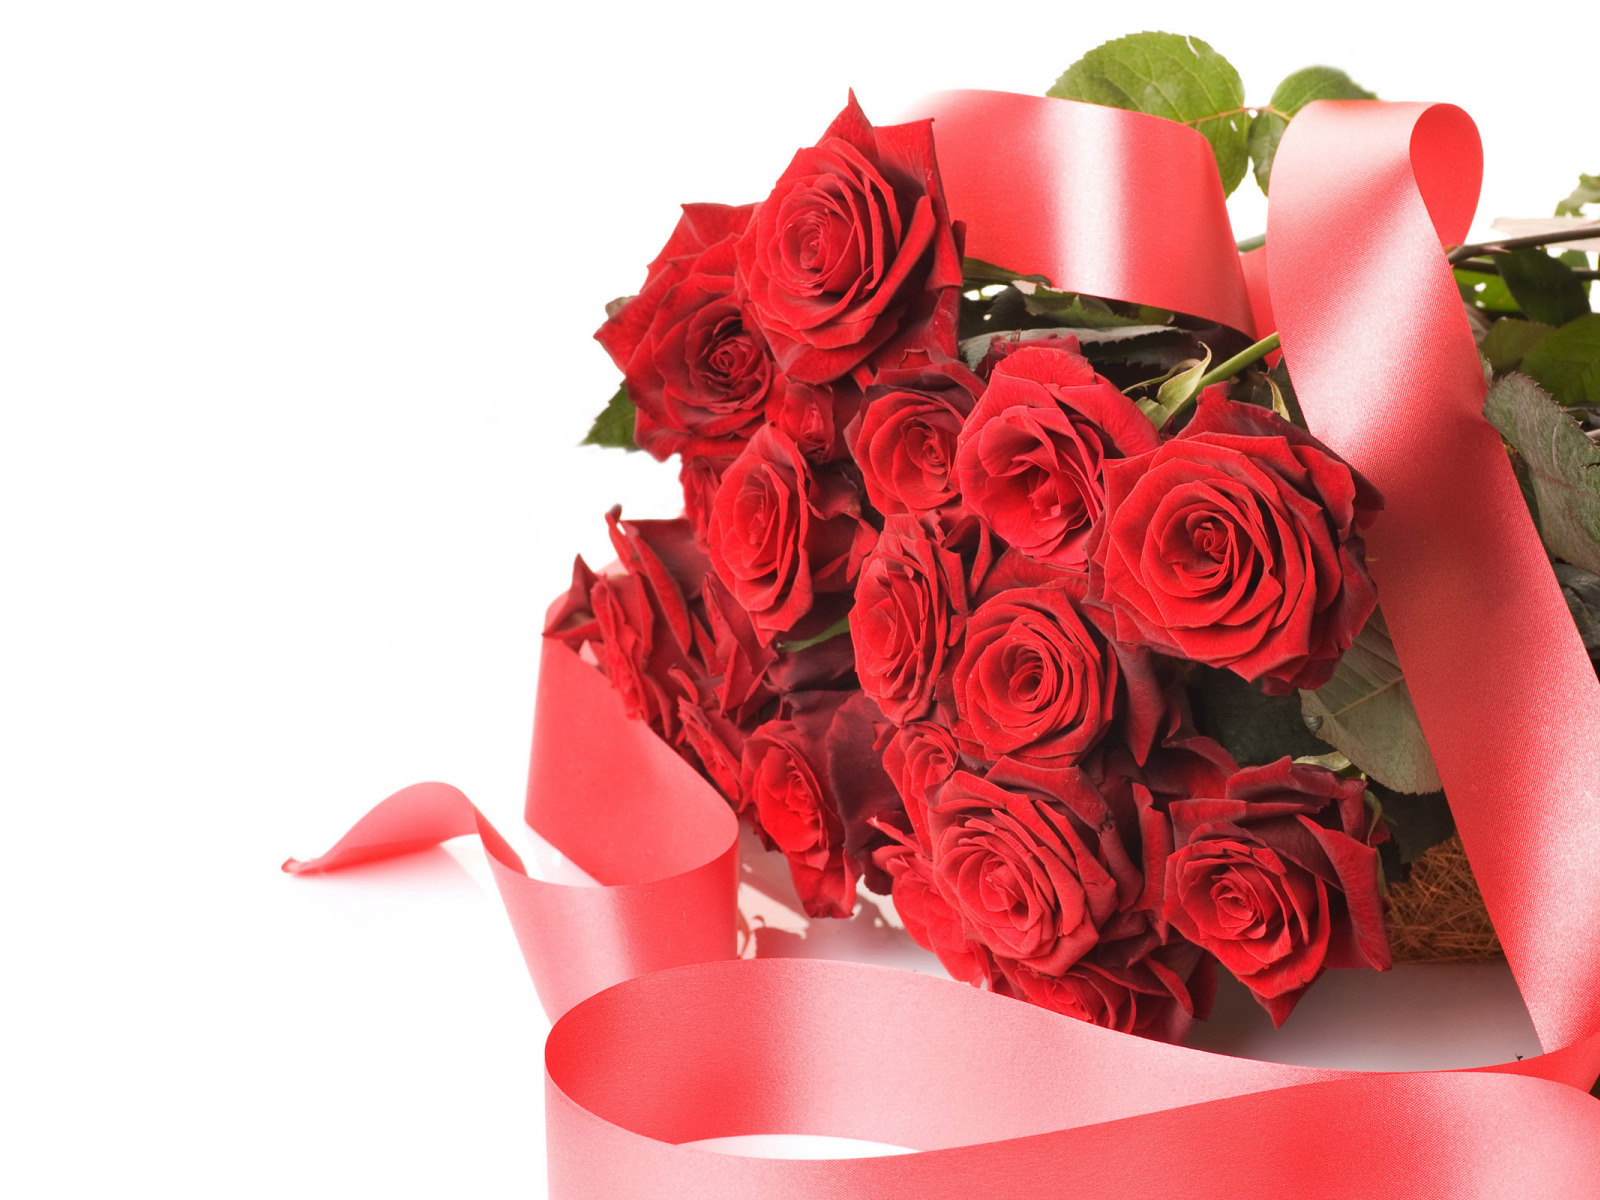 Открытки с днем рождения с букетом красных роз